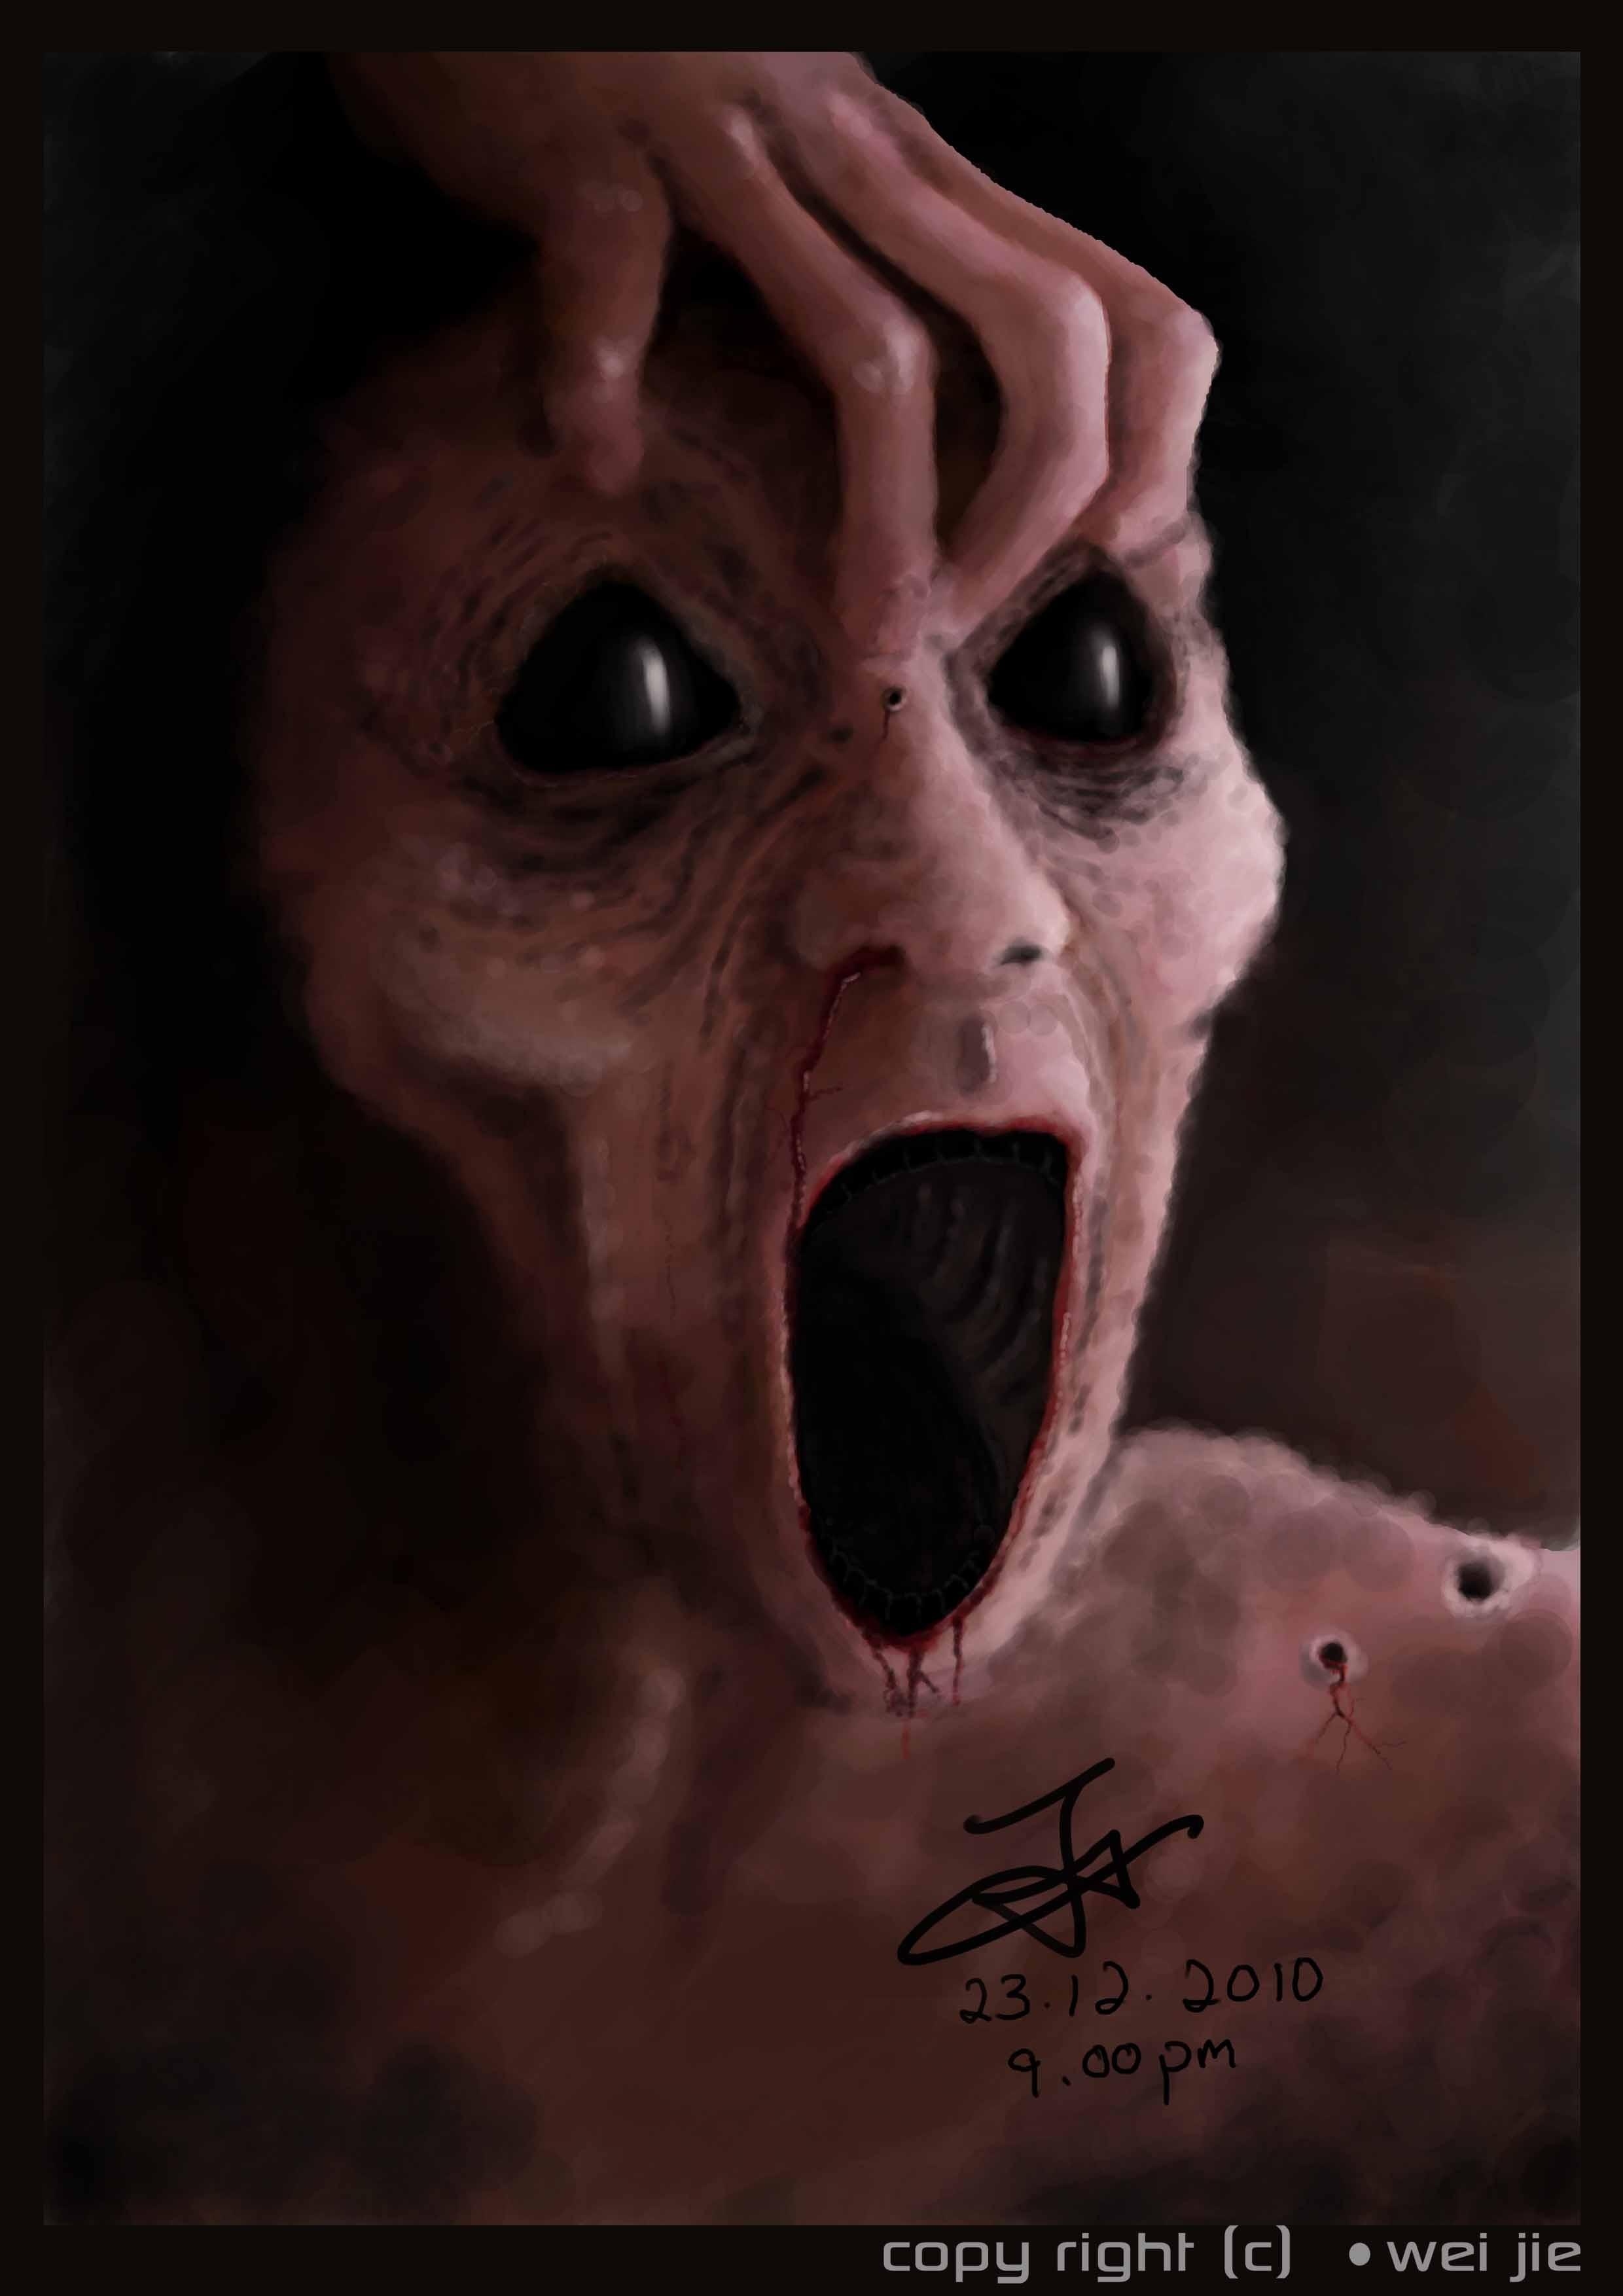 ET 外星人图片